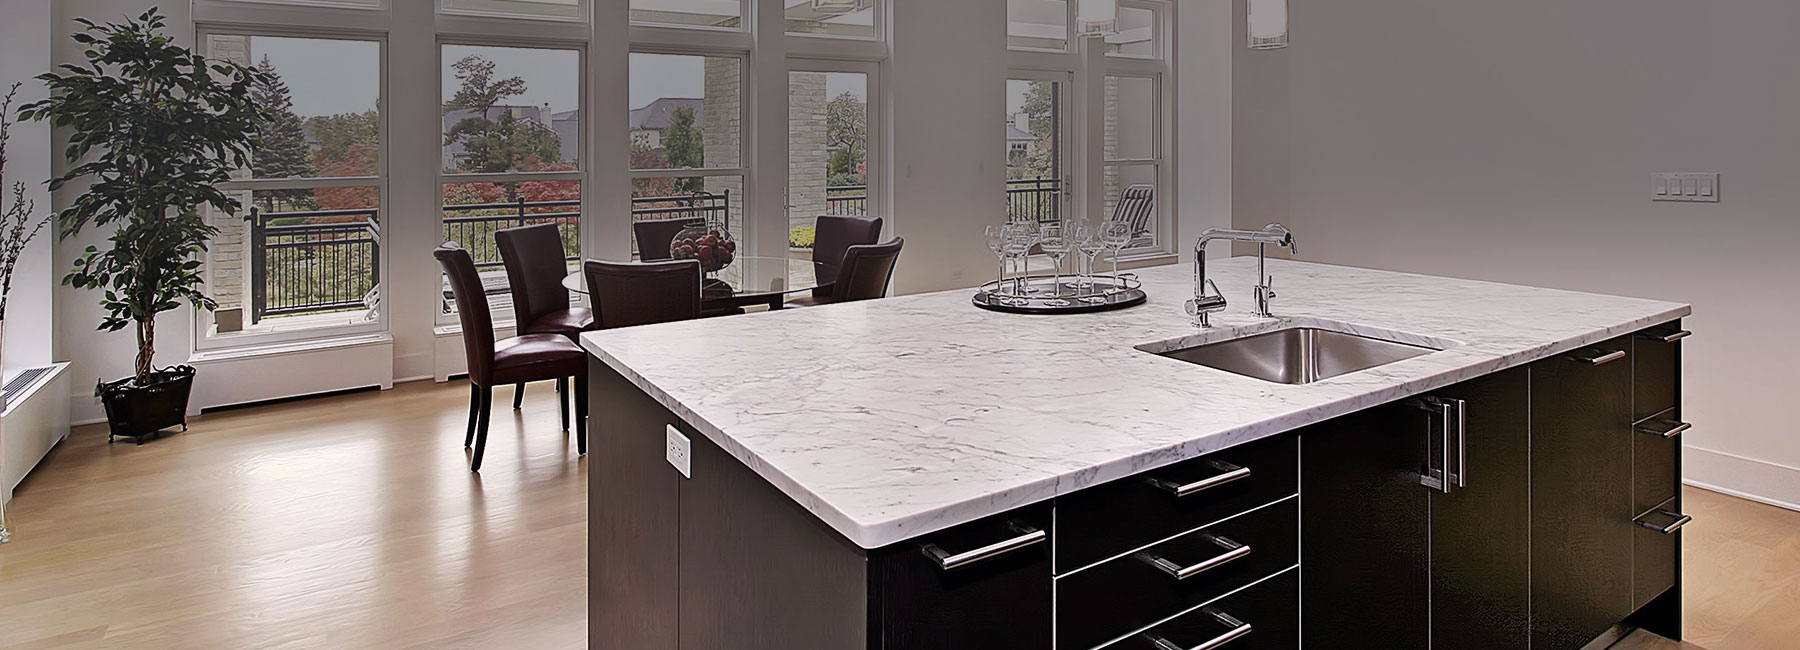 keuken tegels breda : Keuken Tegels Breda Xnovinky Tegels Wand Keuken